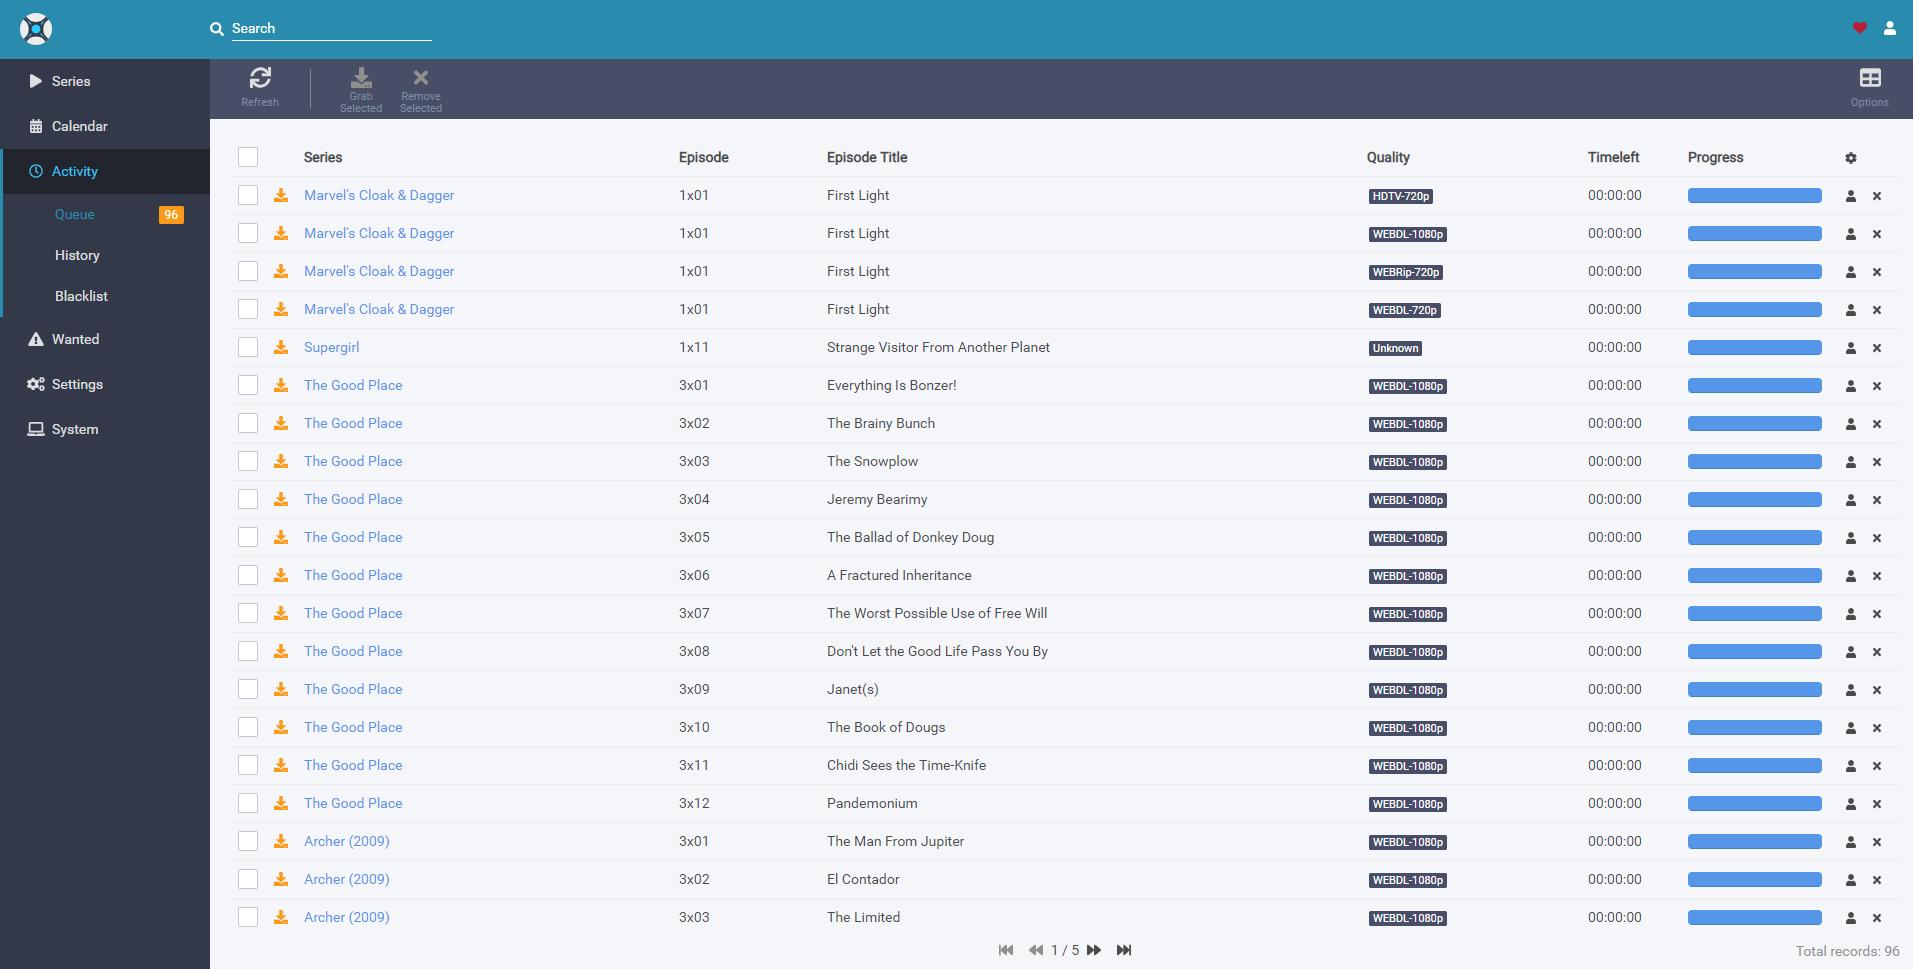 Sonarr adding extra files to activity queue - v3 Testing